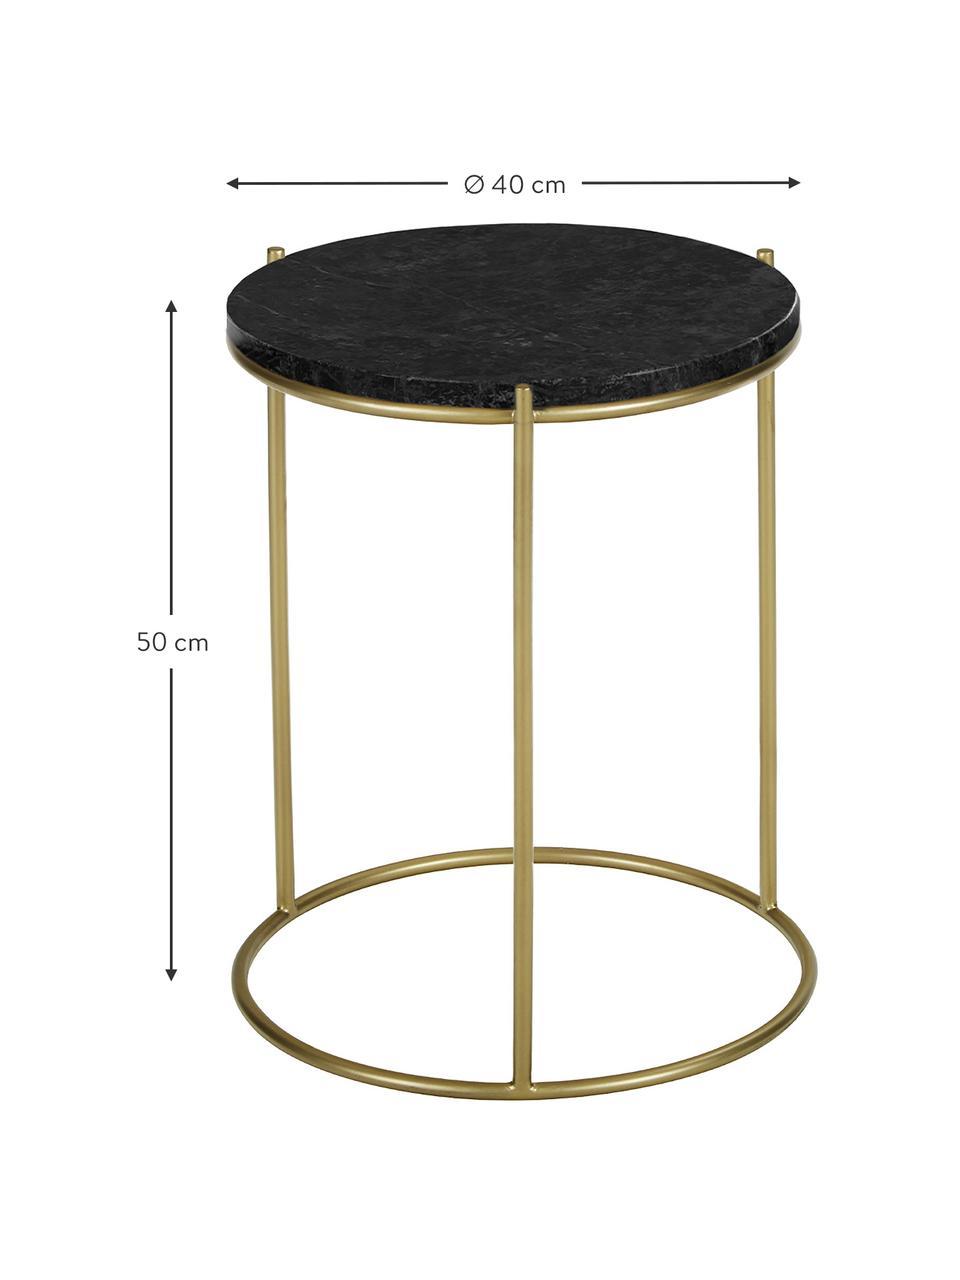 Runder Marmor-Beistelltisch Ella, Tischplatte: Marmor, Gestell: Metall, pulverbeschichtet, Schwarzer Marmor, Goldfarben, Ø 40 x H 50 cm